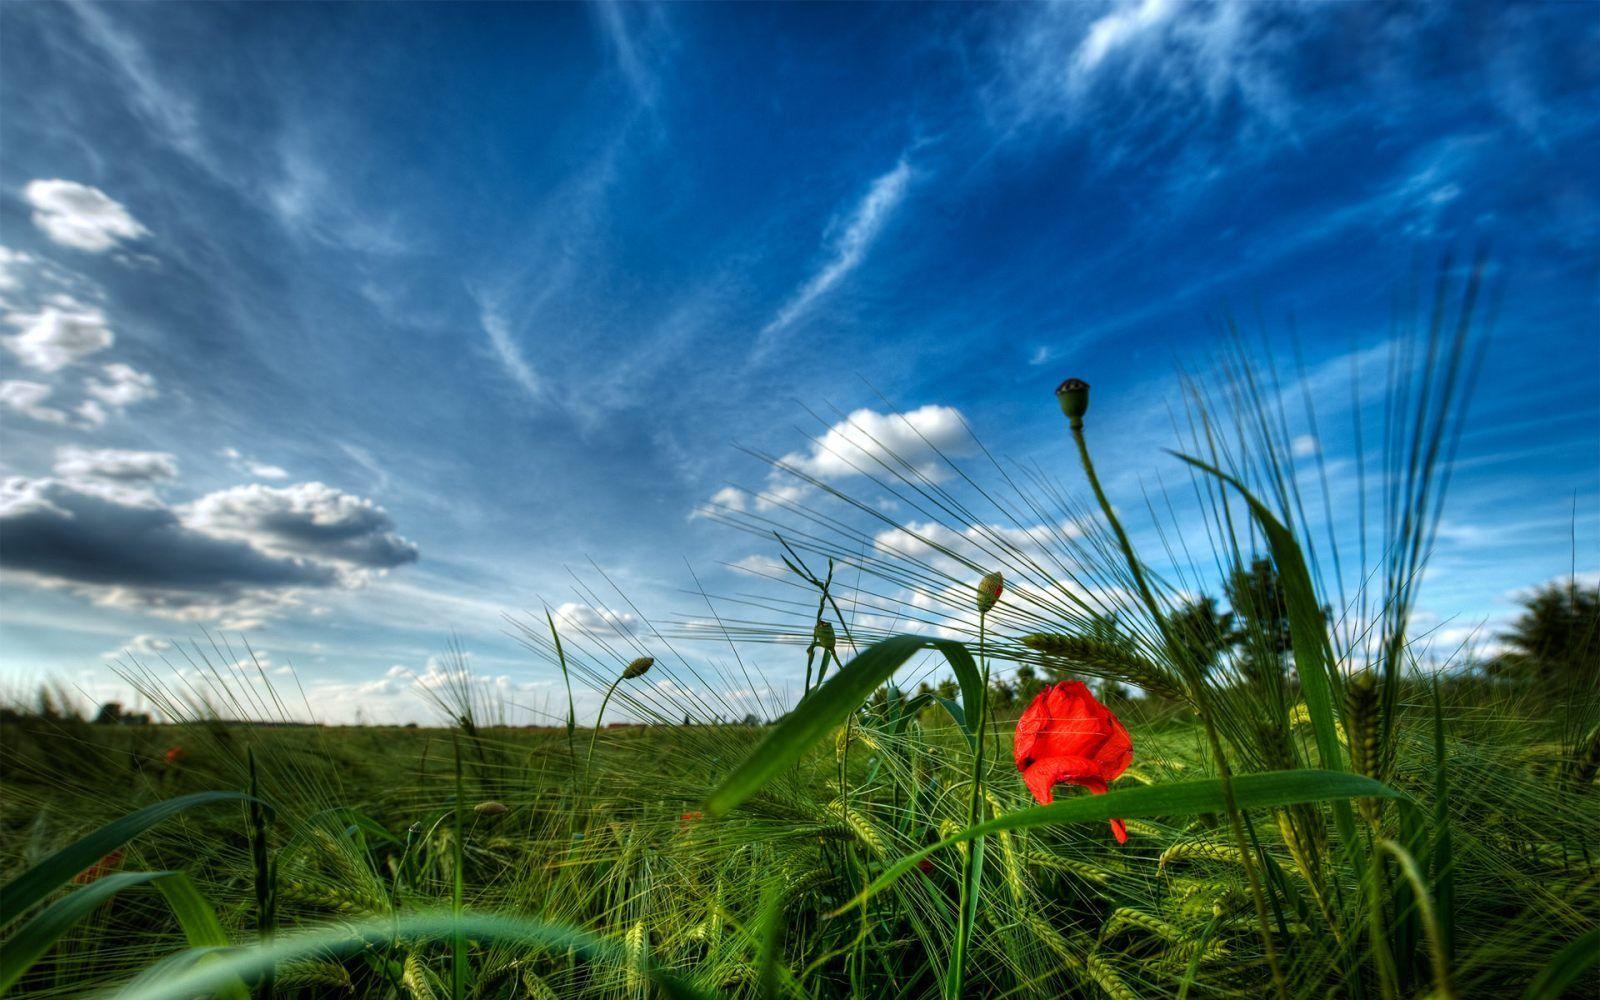 paisaje natural en el campo imgenes y fotos